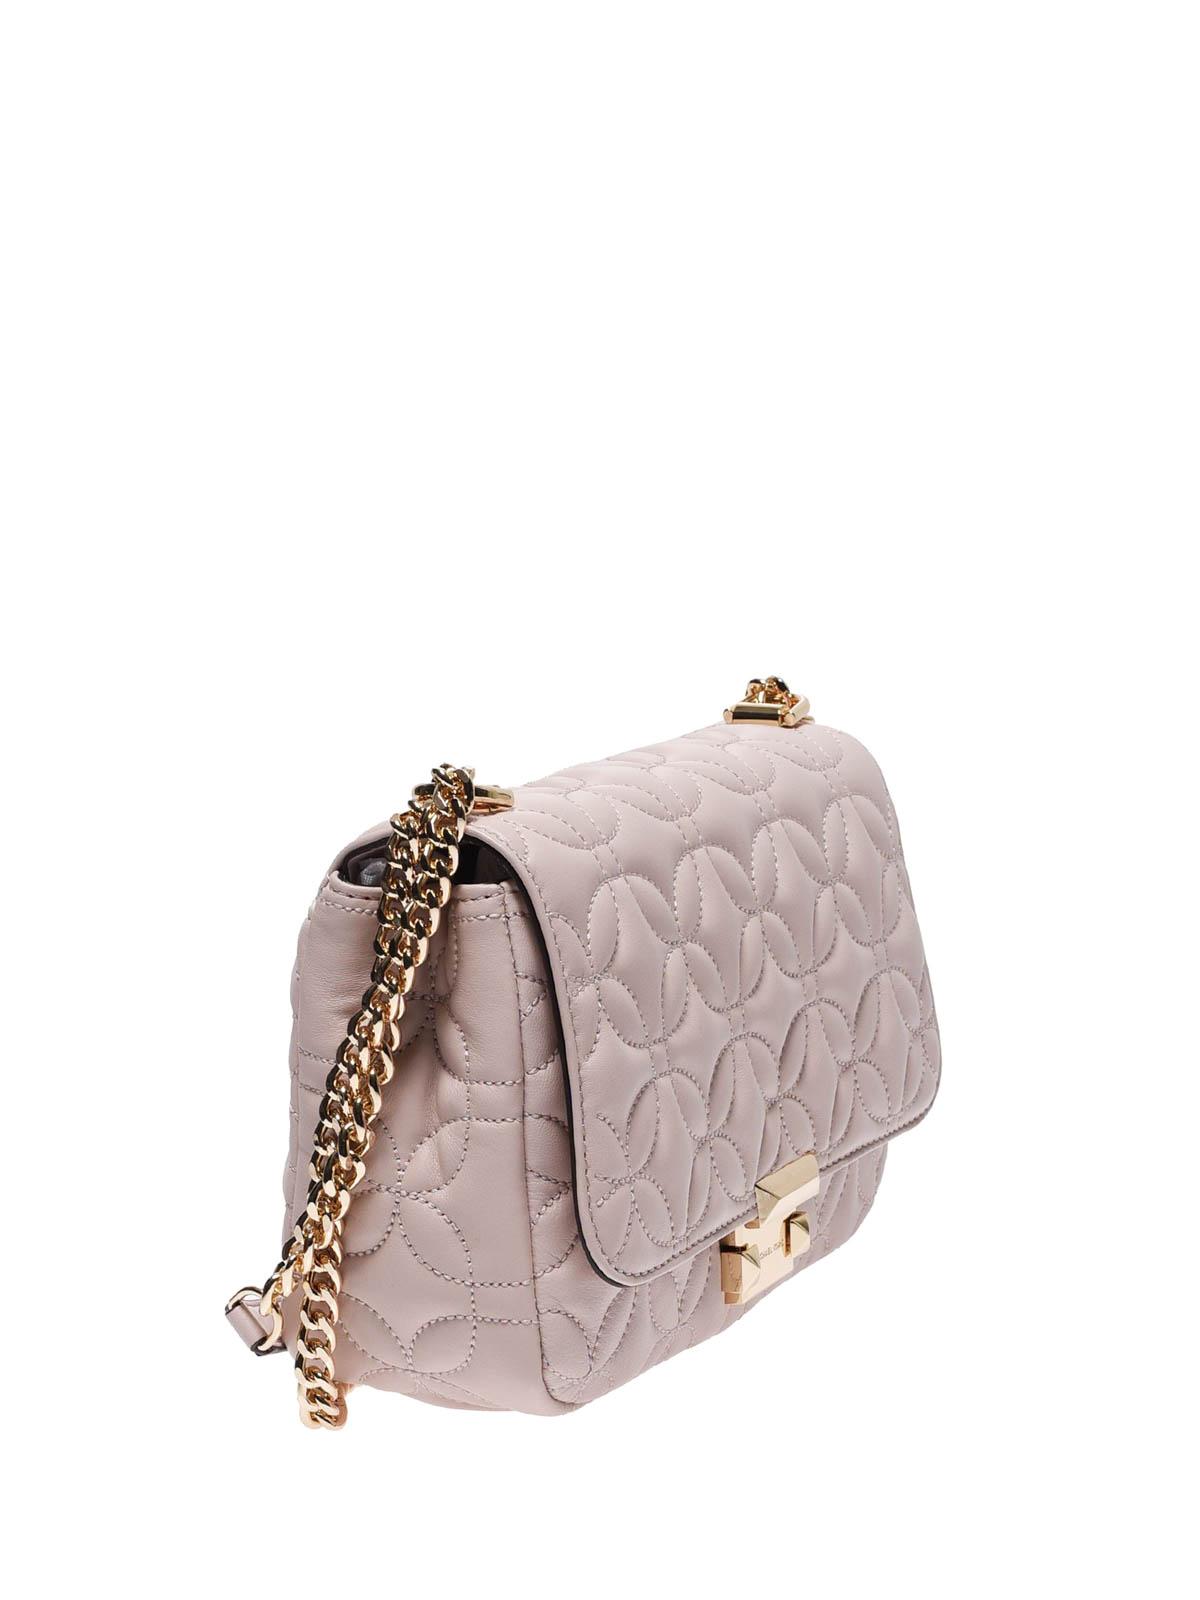 2bfa7df7ea75 MICHAEL KORS  shoulder bags online - Sloan large pink quilted shoulder bag